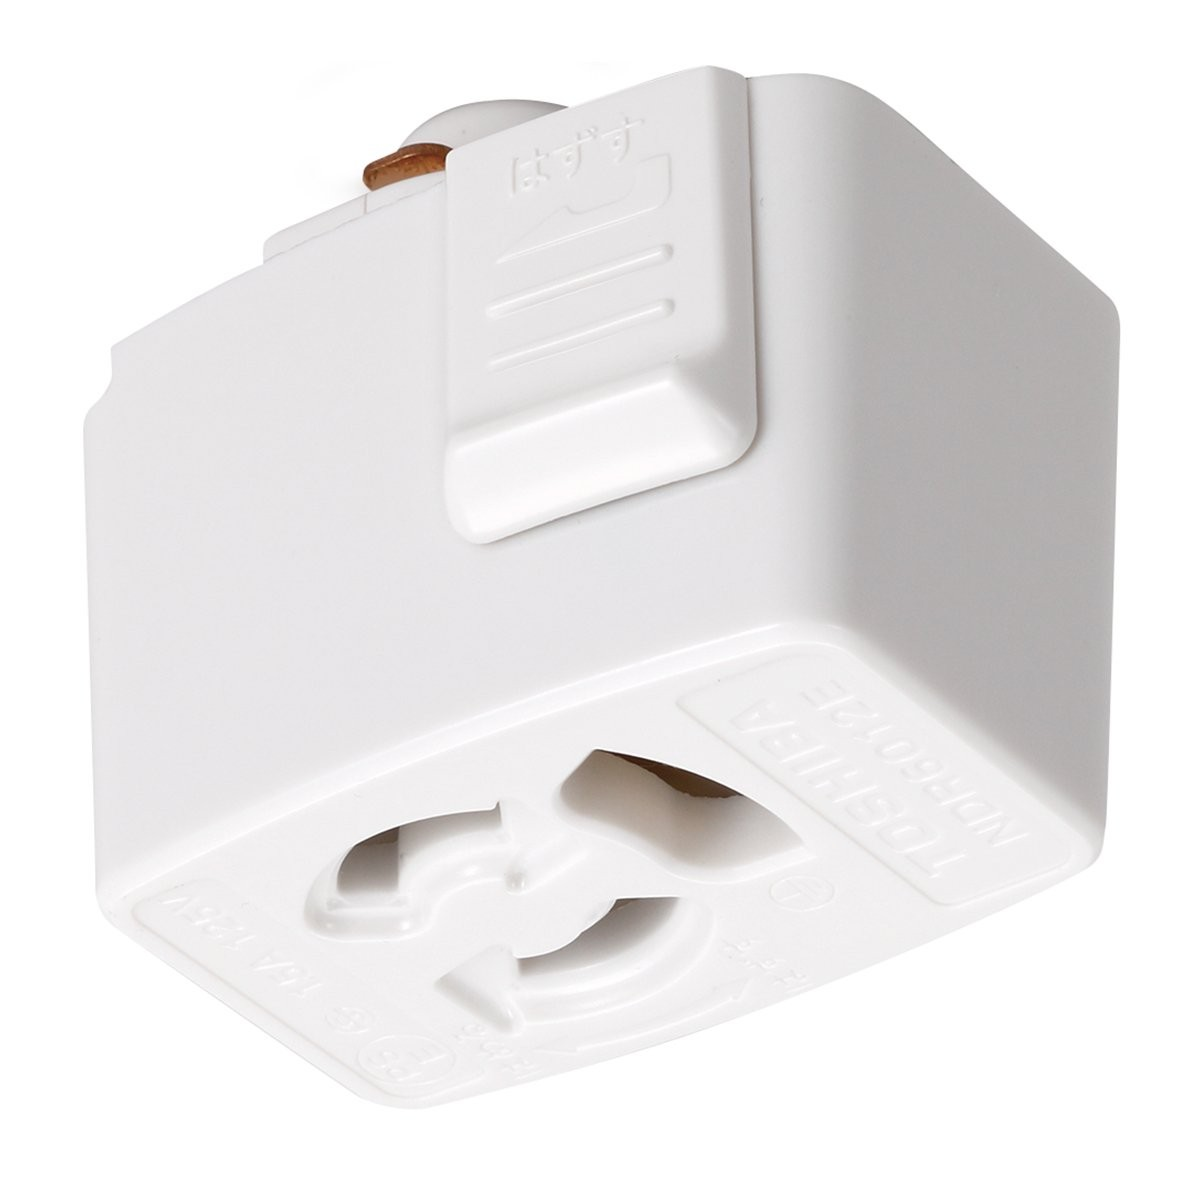 ライティングレール NDR6012 (白)の商品画像|3